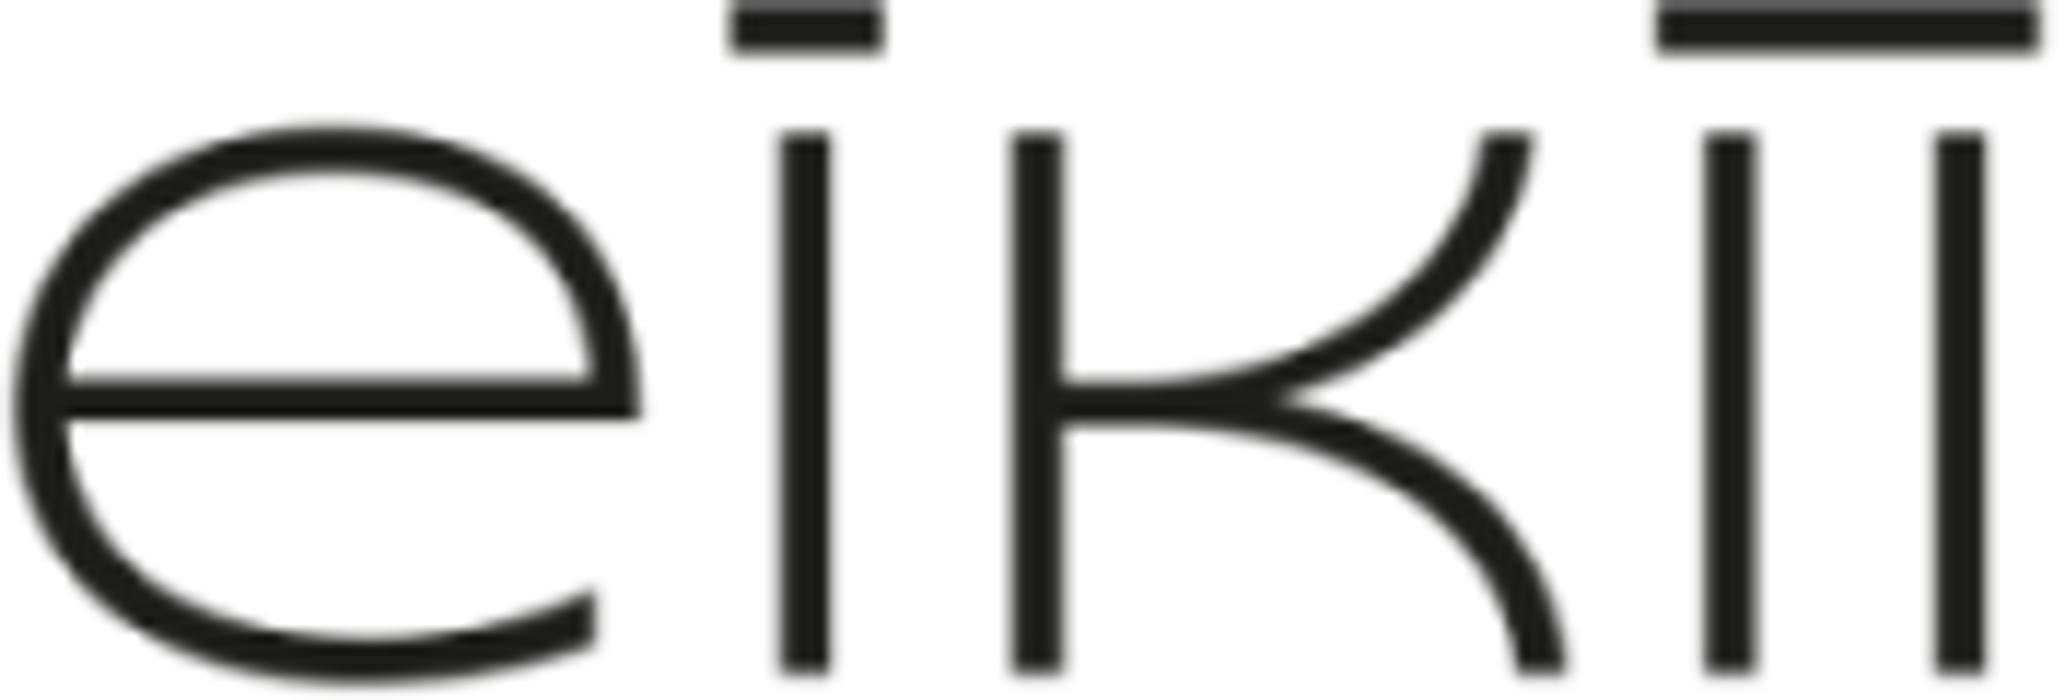 eikii - Nachhaltige Bademode für brustlose und brustkleine Frauen